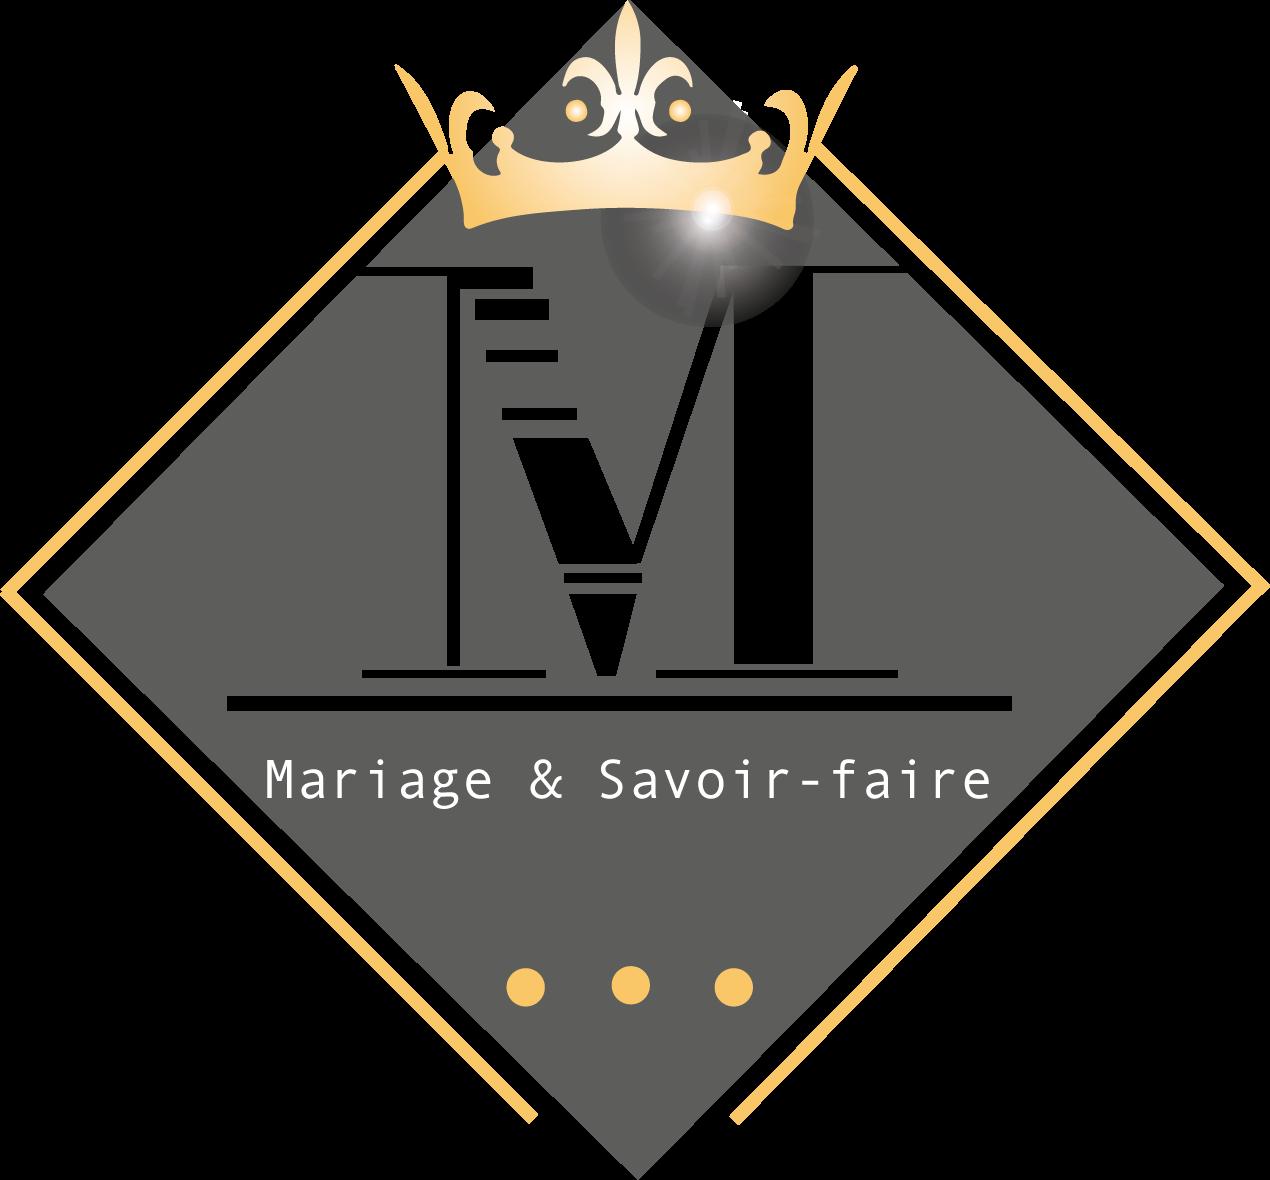 Mariage savoir faire logo